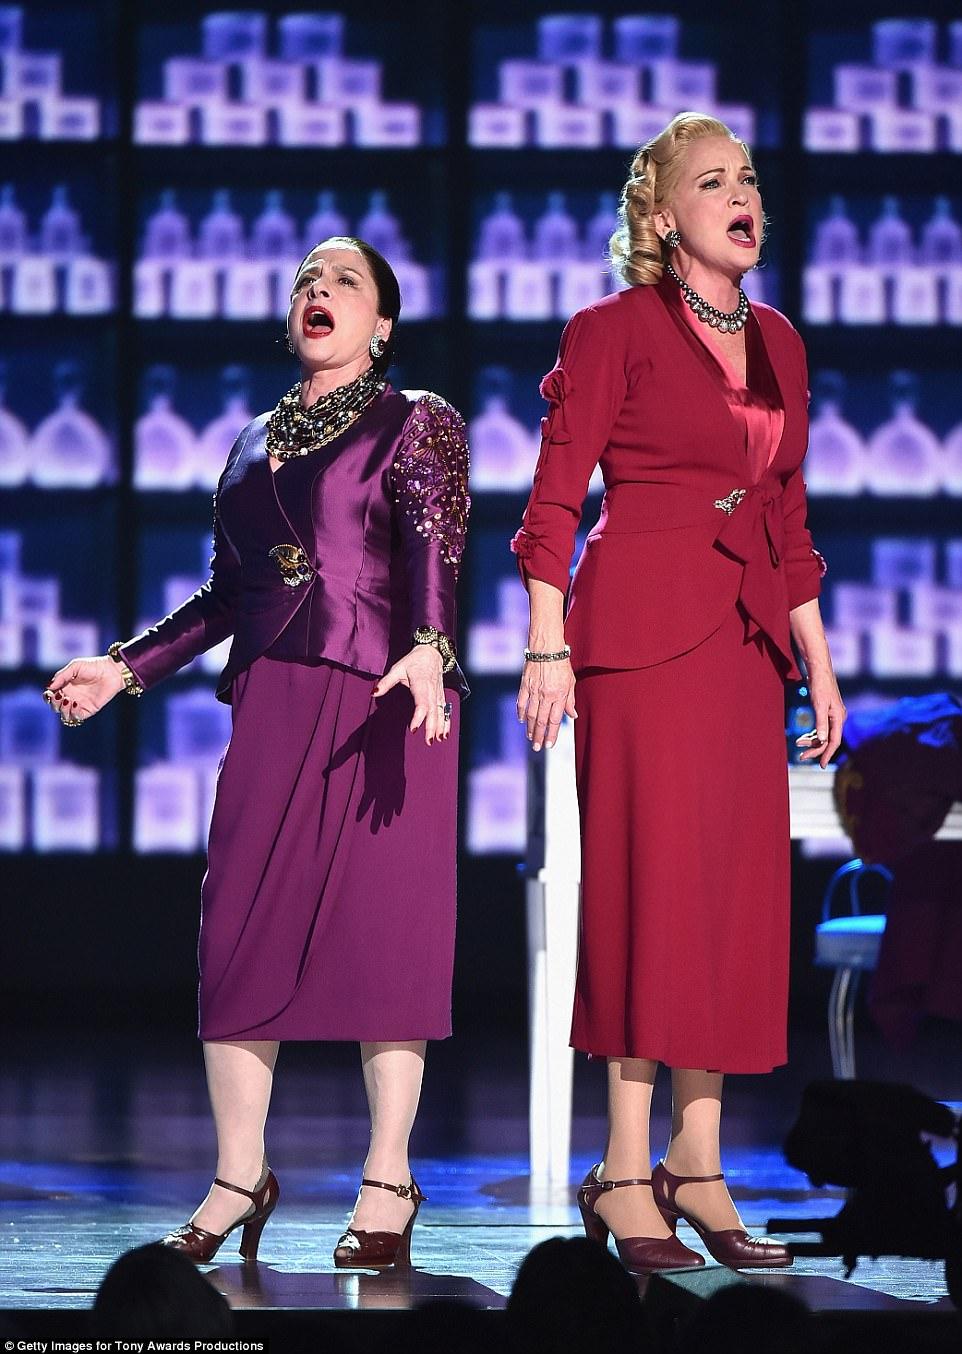 Colossi de maquiagem: Tony acenou para ambos os bebês da Broadway e os recém-chegados, com os principais destaques da White Way Patti LuPone e Christine Ebersole na competição por co-liderar o musical War Paint